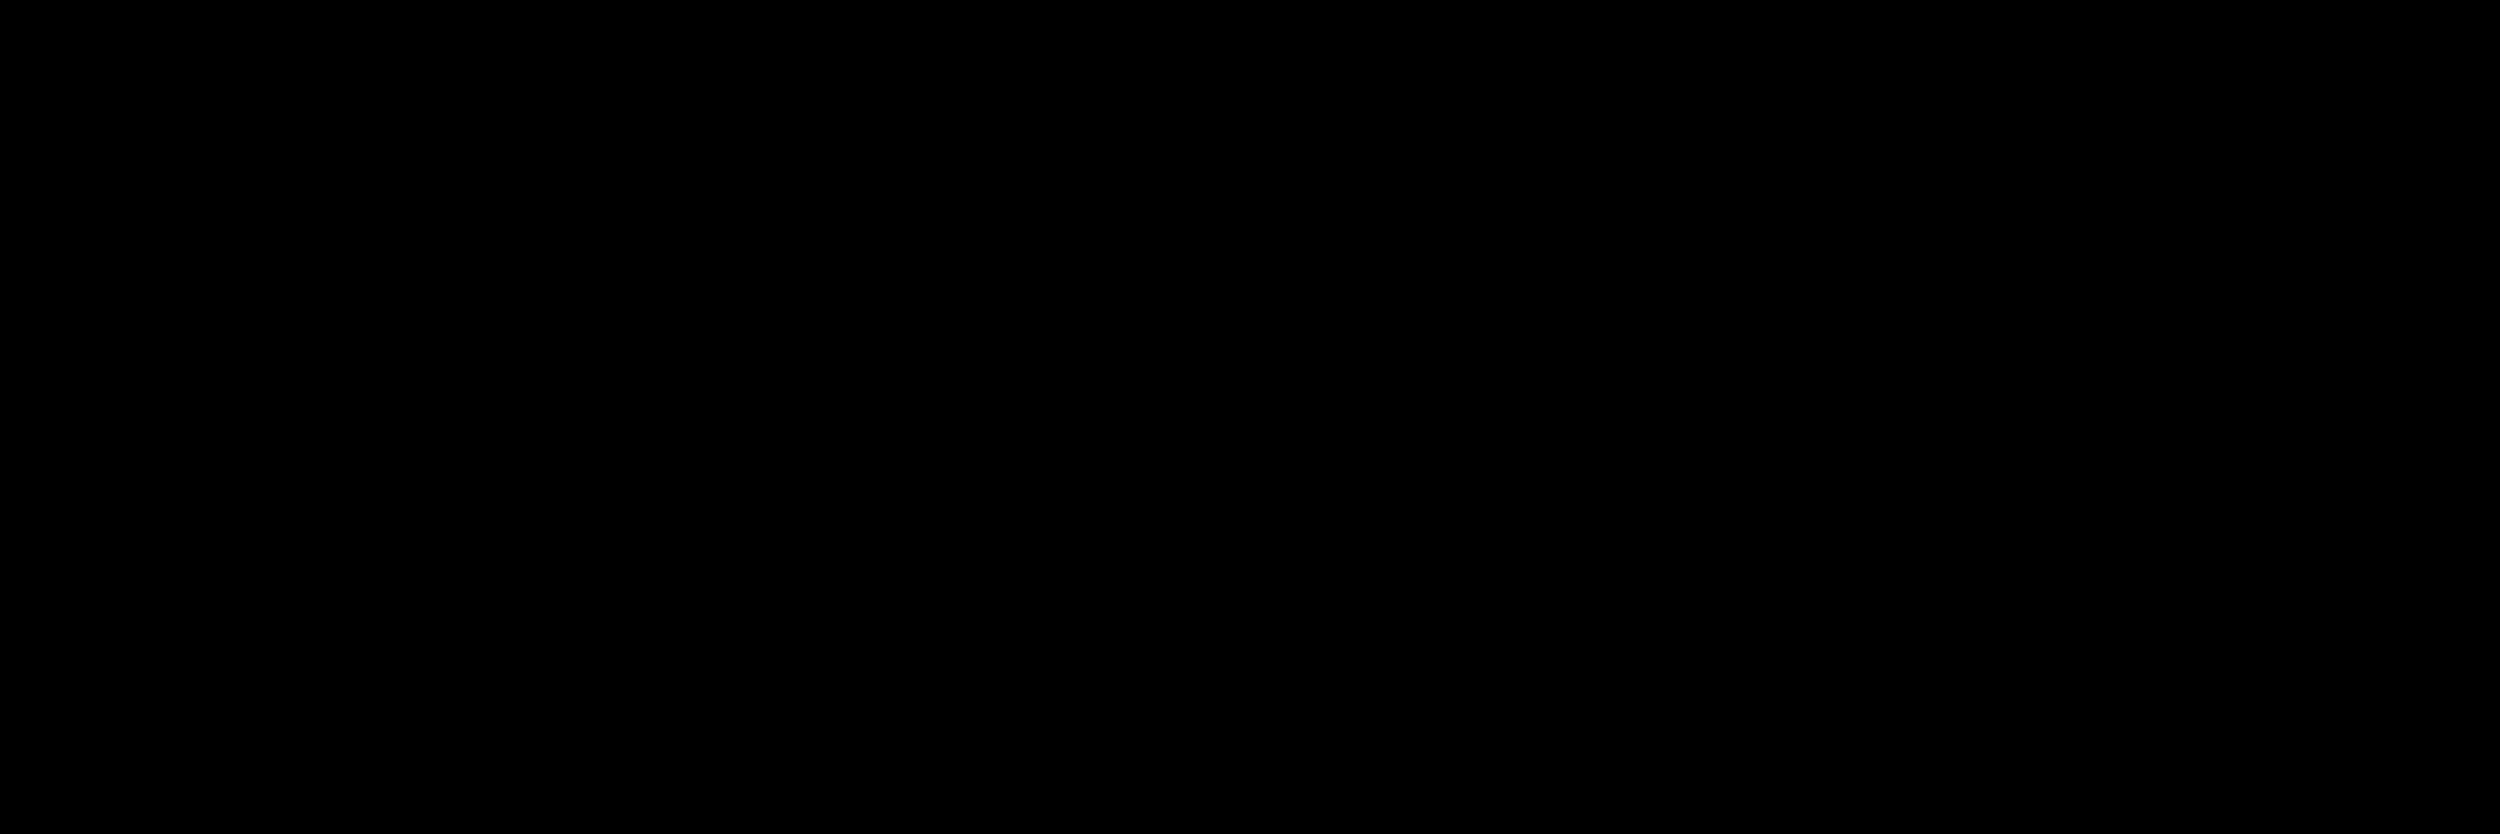 SpaceforArts_logo_RGB.png